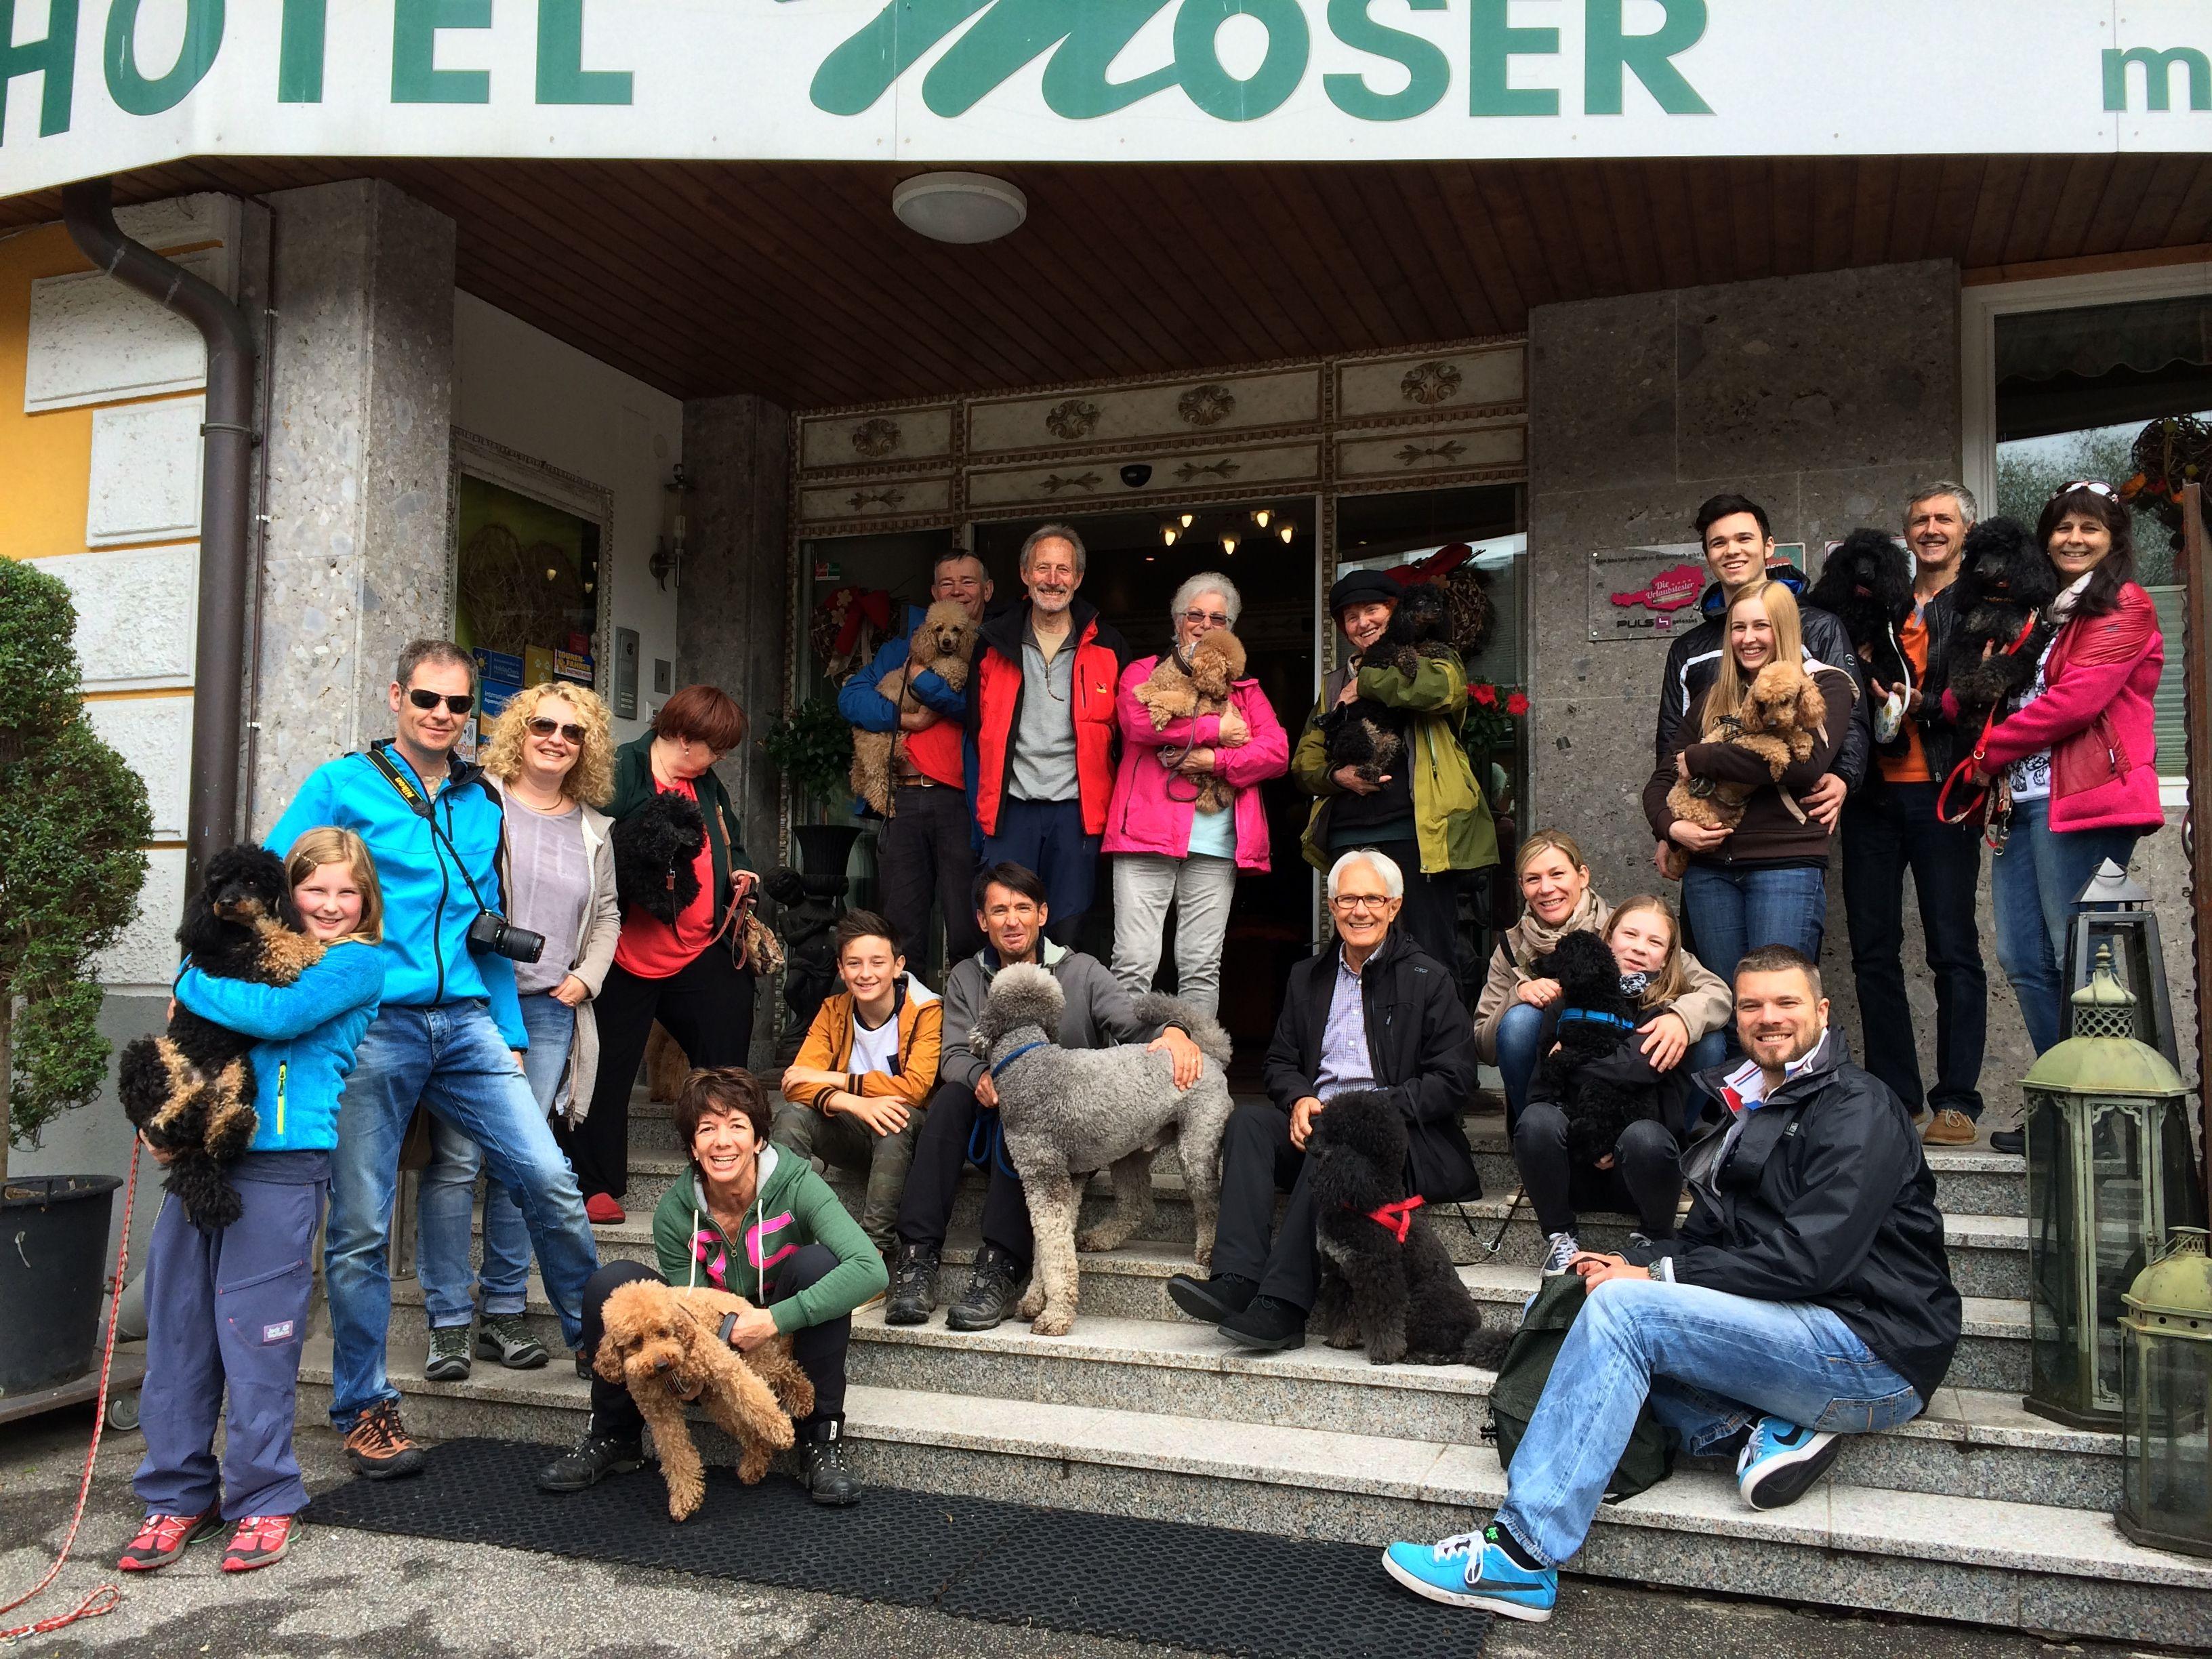 Erinnerung An Den Fruhling 2015 Der Pudelclub Osterreich Zu Gast Im Hotel Moser Am Weissensee Pudel Pudelc Urlaub Mit Hund Hotel Urlaub Mit Hund Weissensee